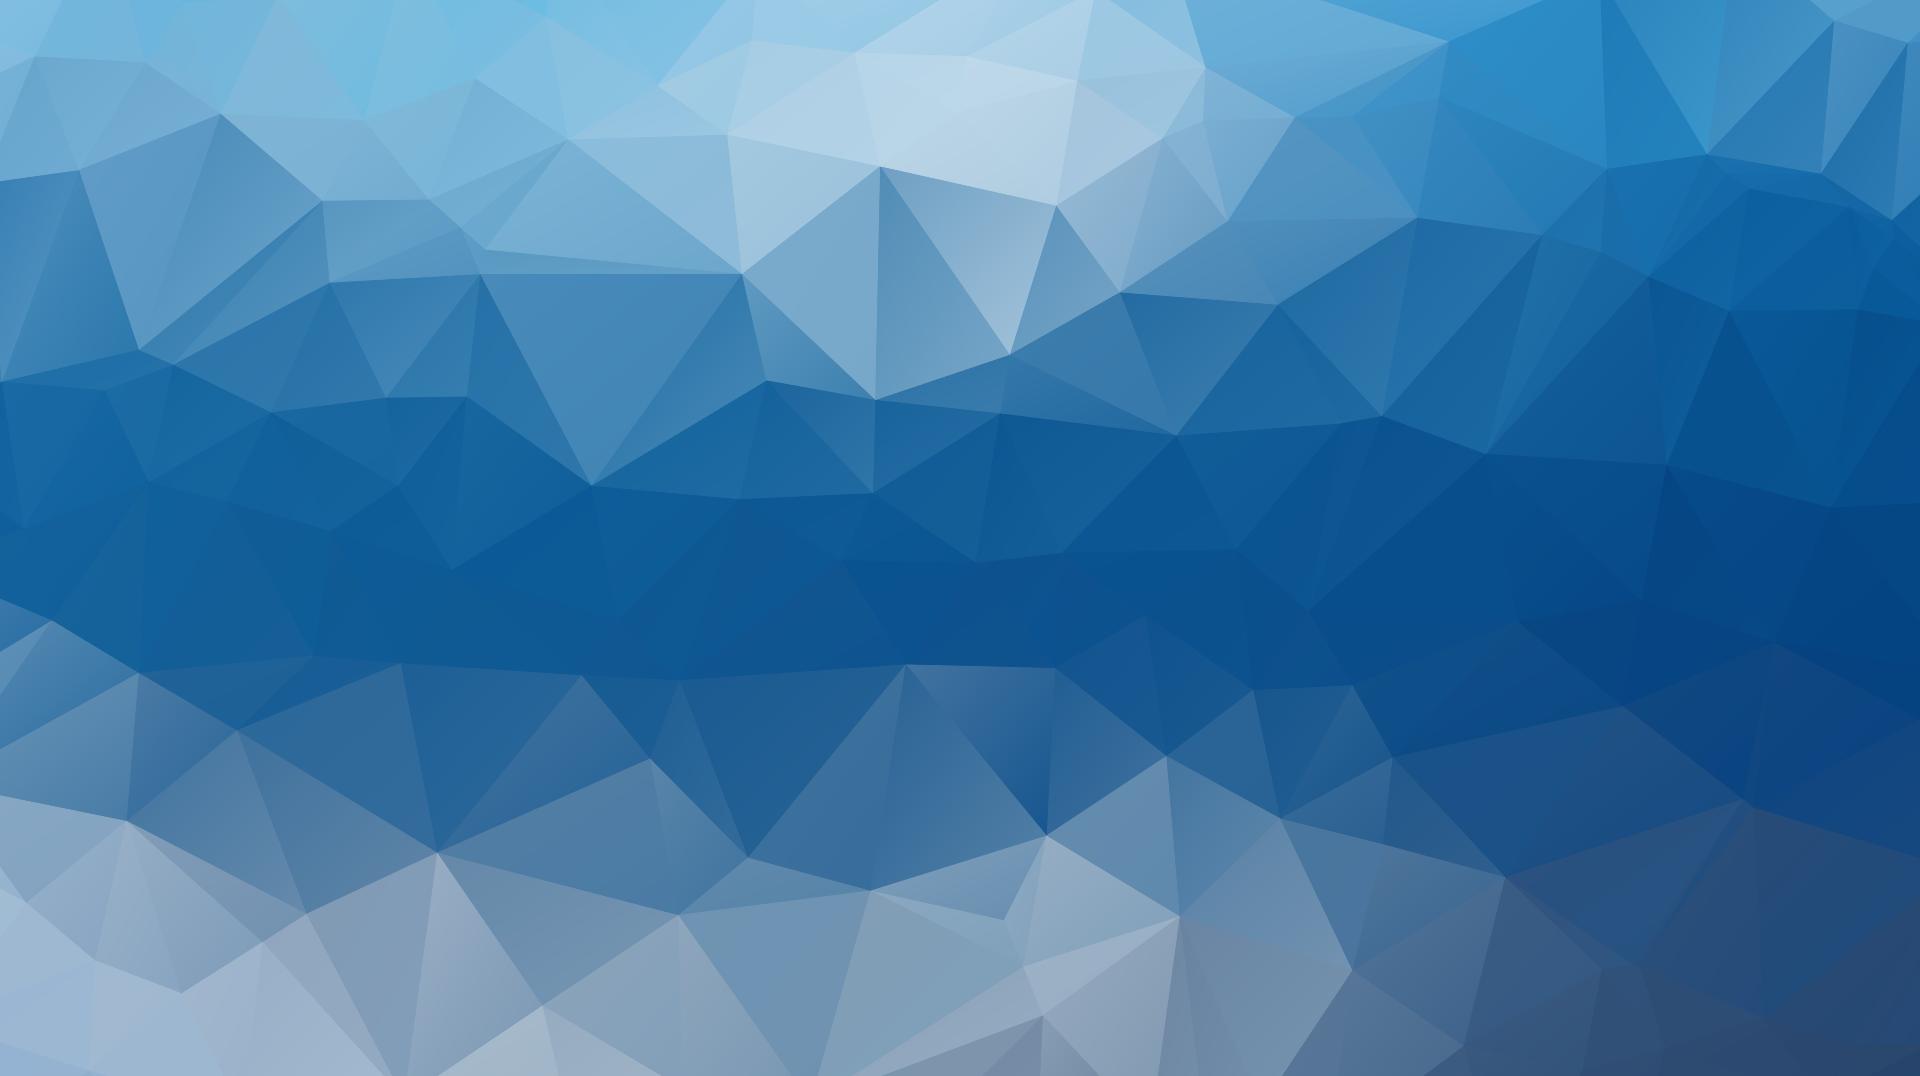 网格, 三角形, 多边形, 蓝色, 蔚 - 高清壁纸 - 教授-falken.com